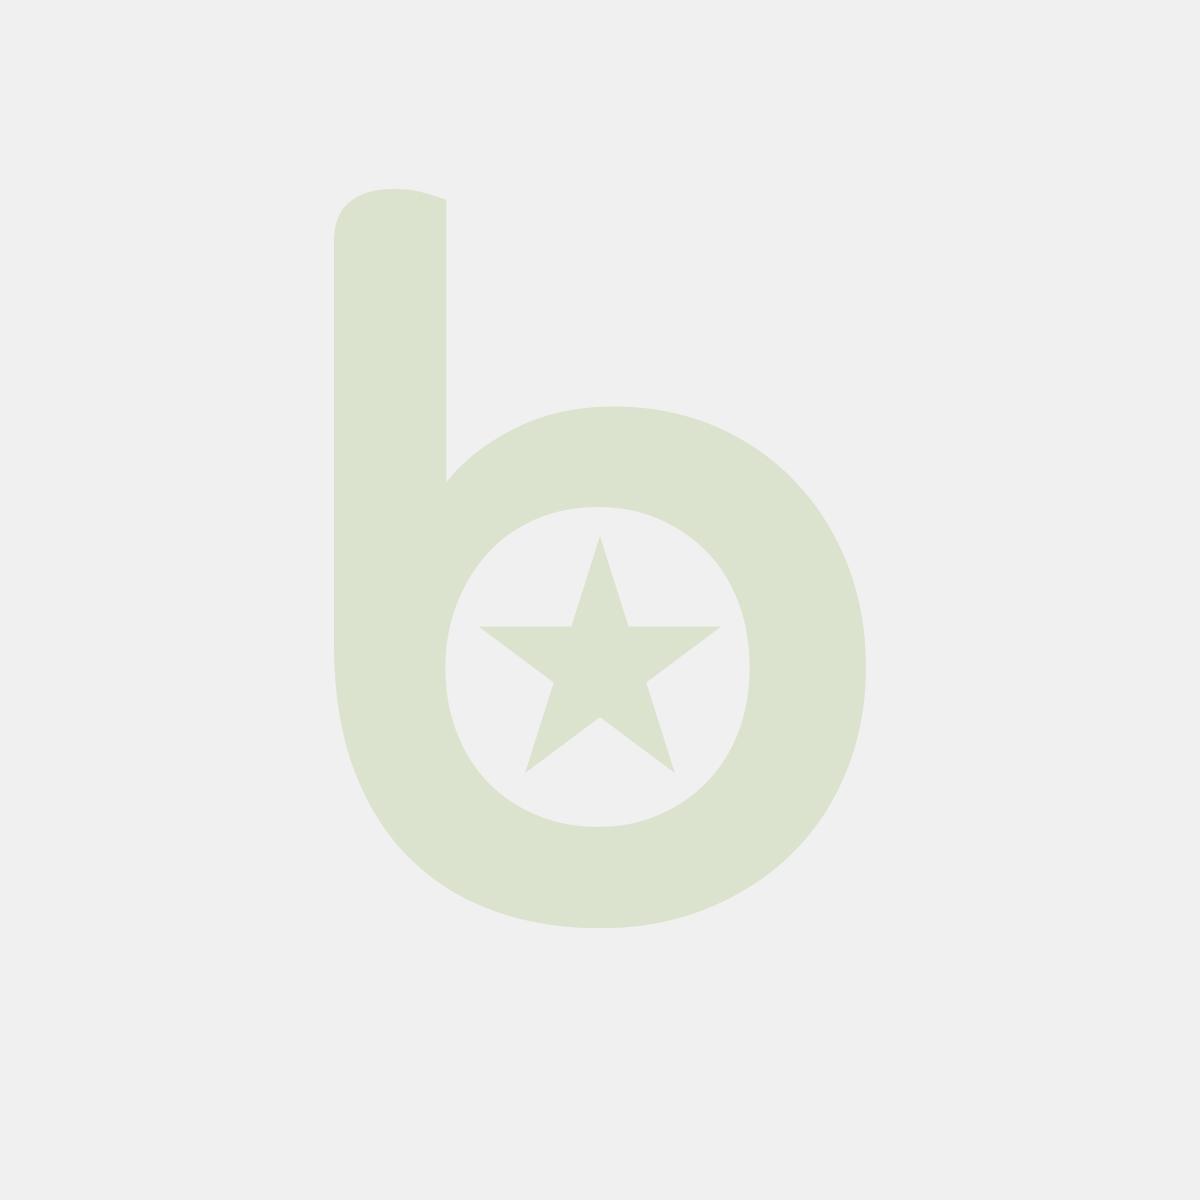 Bieżnik PAPSTAR ROYAL Collection Annabel z PV-Tissue Mix przypominającej tkaninę,w rolce 24m/40cm zielony, bibuła